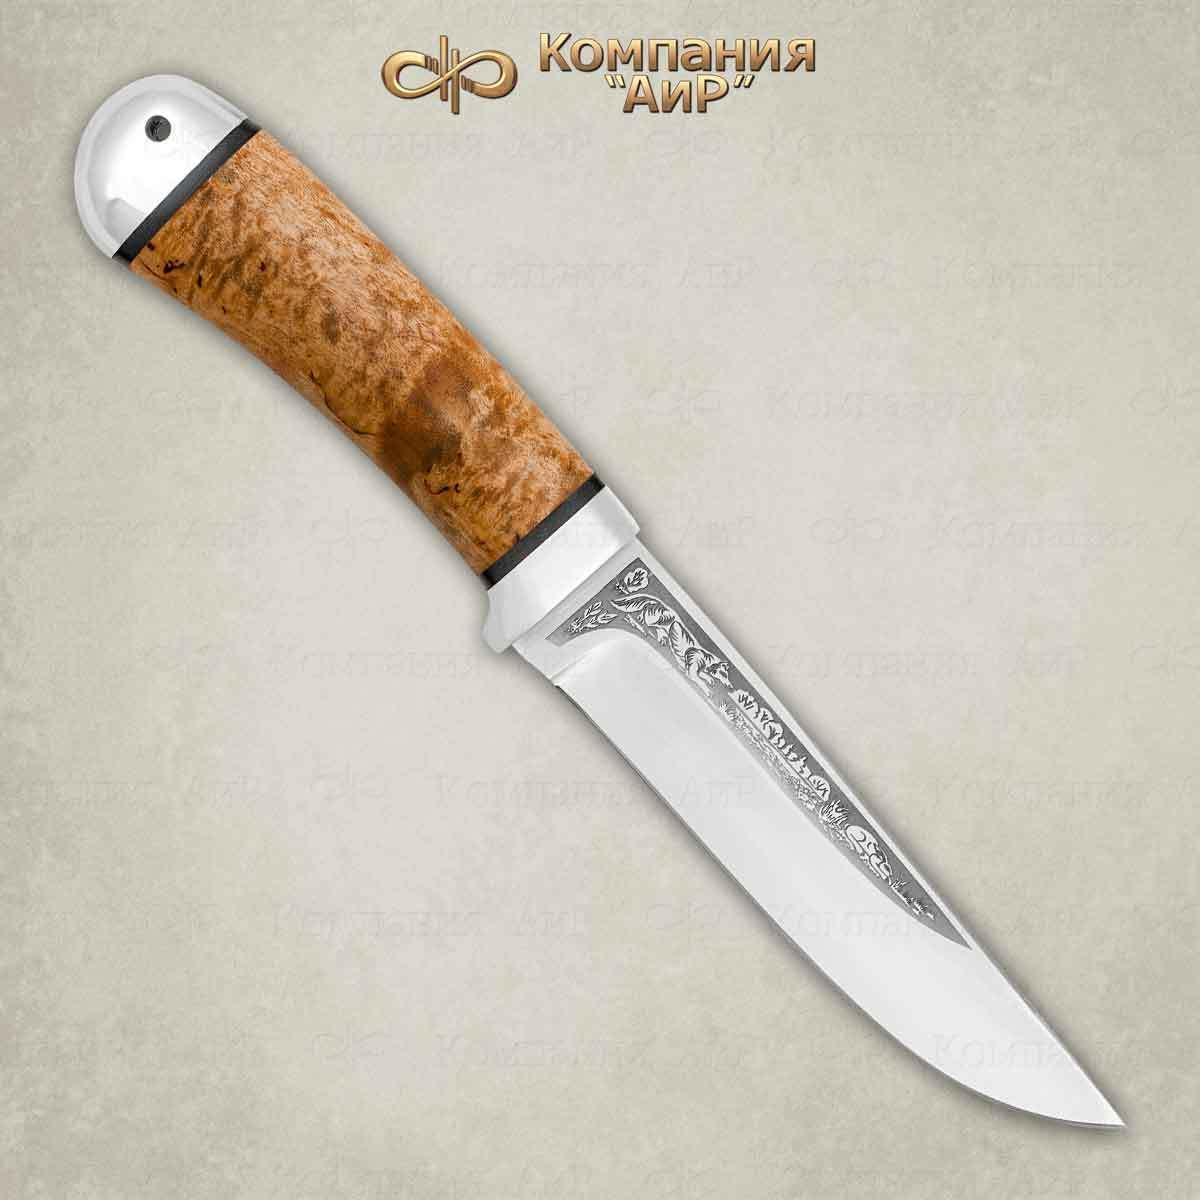 Нож АиР «Лиса», сталь 100х13м, рукоять карельская береза, алюминий